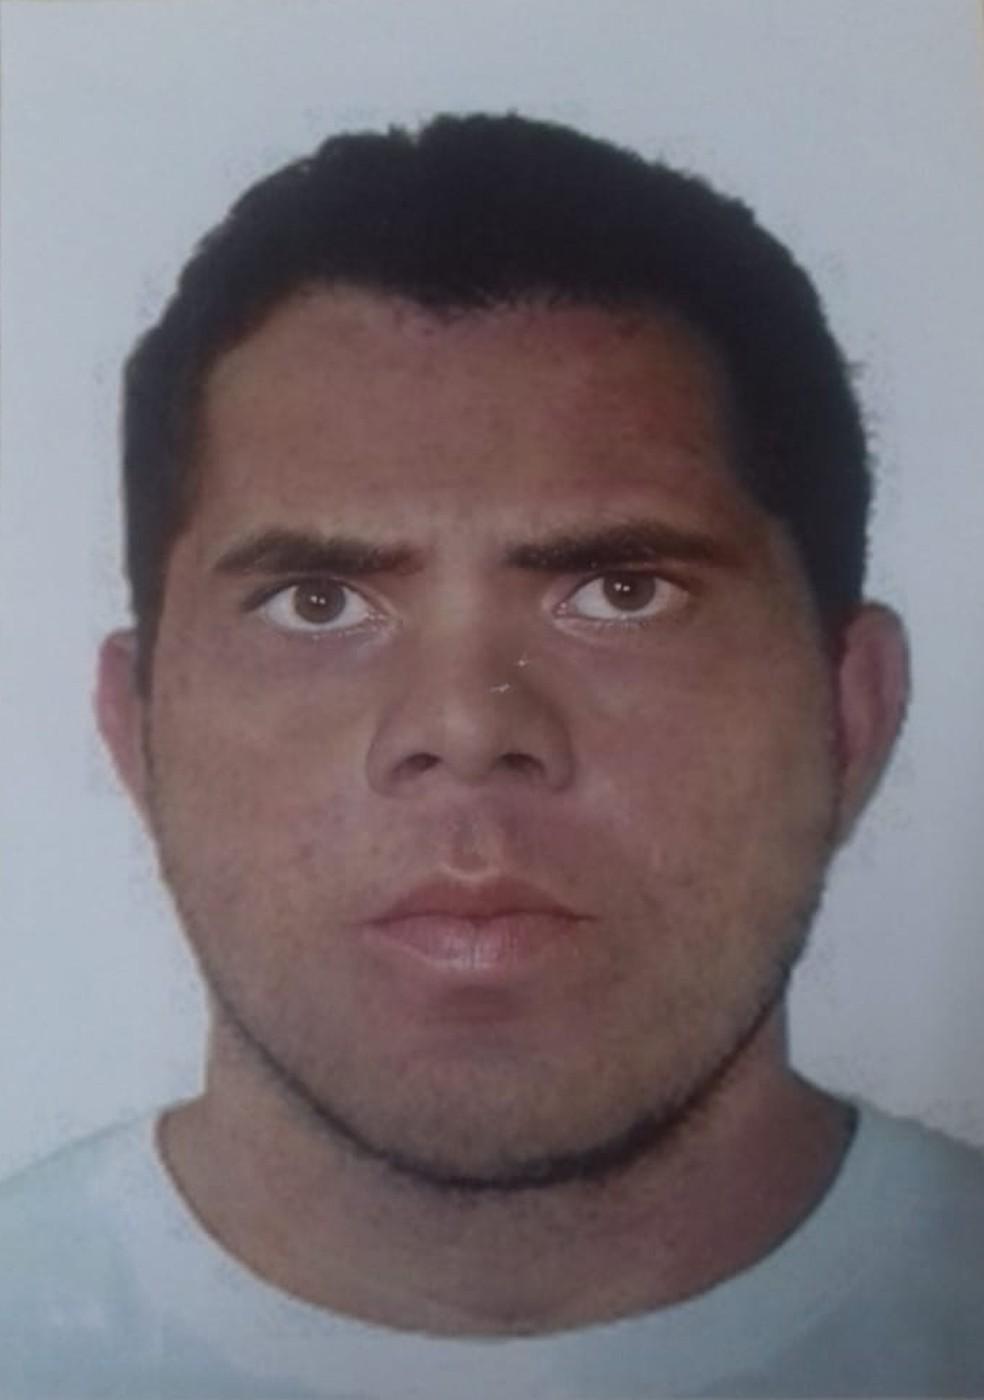 A imagem seria do possível suspeito de matar as travestis (Foto: Reprodução/Polícia Civil do Pará)